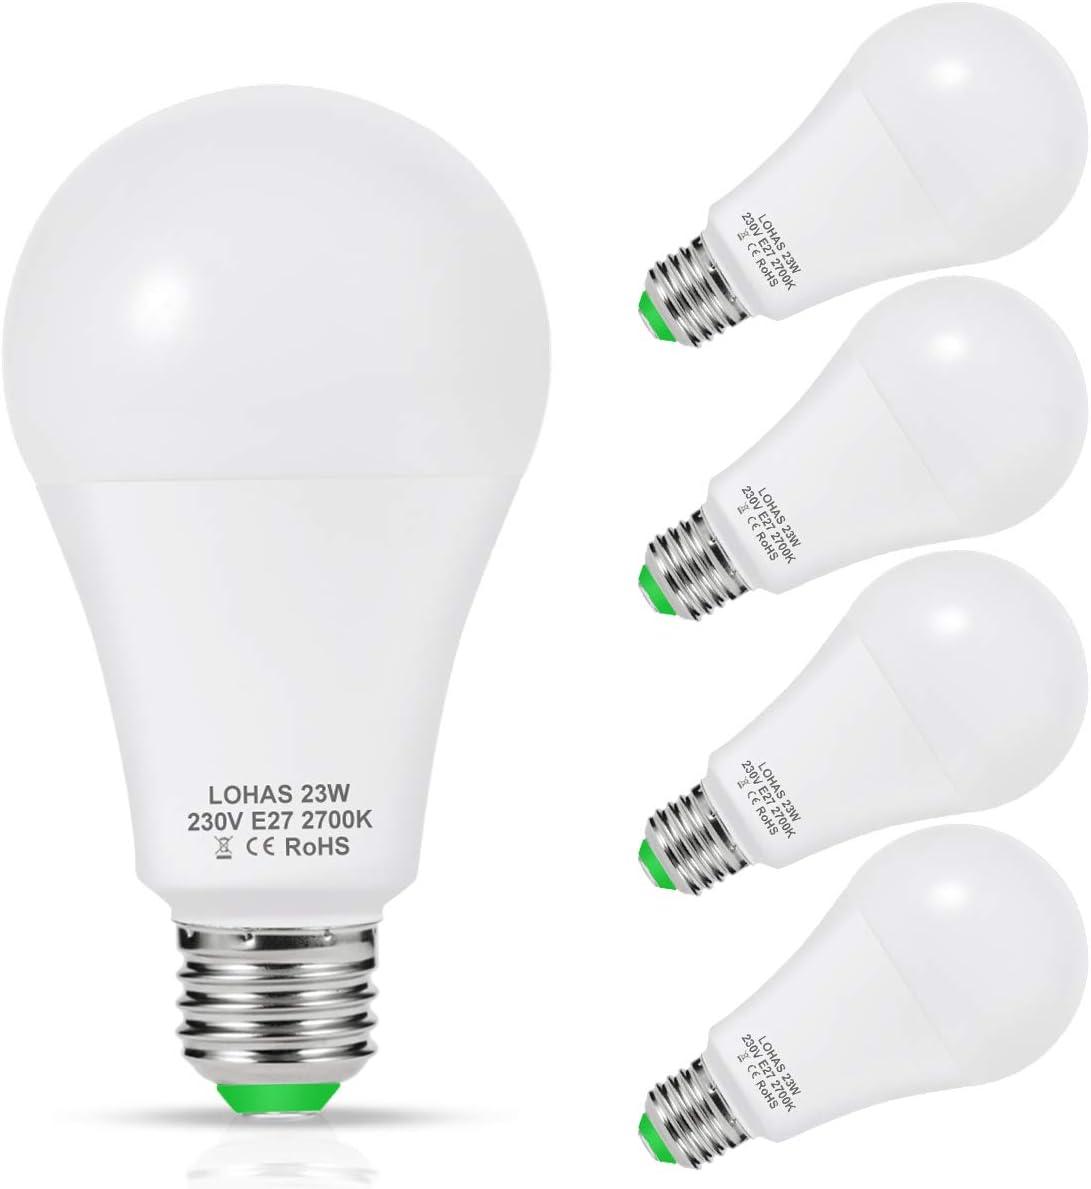 LOHAS Bombilla LED E27, 23W Bombilla LED Equivalent a 200W Incandescente Bombilla, Blanco Calído 2700K, 2500 Lúmenes, 240 ° Ángulo de Haz, Bombilla de Bajo Consumo, No-regulable, Paquete de 4 Unidades